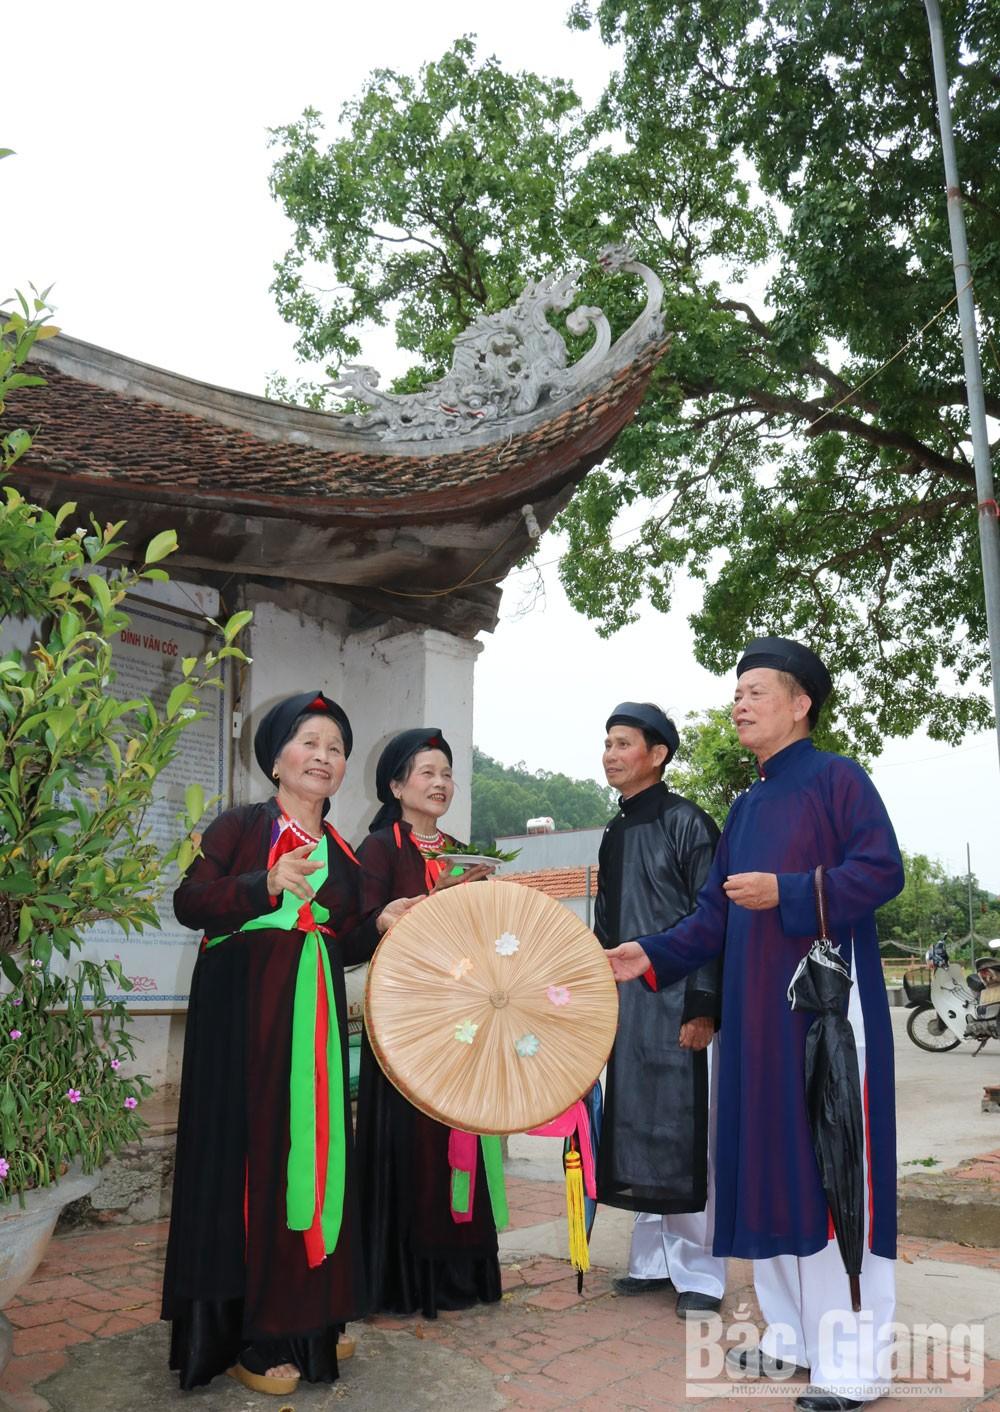 Van Coc village, ancient village, Cau River, Bac Giang province, religious works, communal houses, traditional festivals, ancient quan ho village